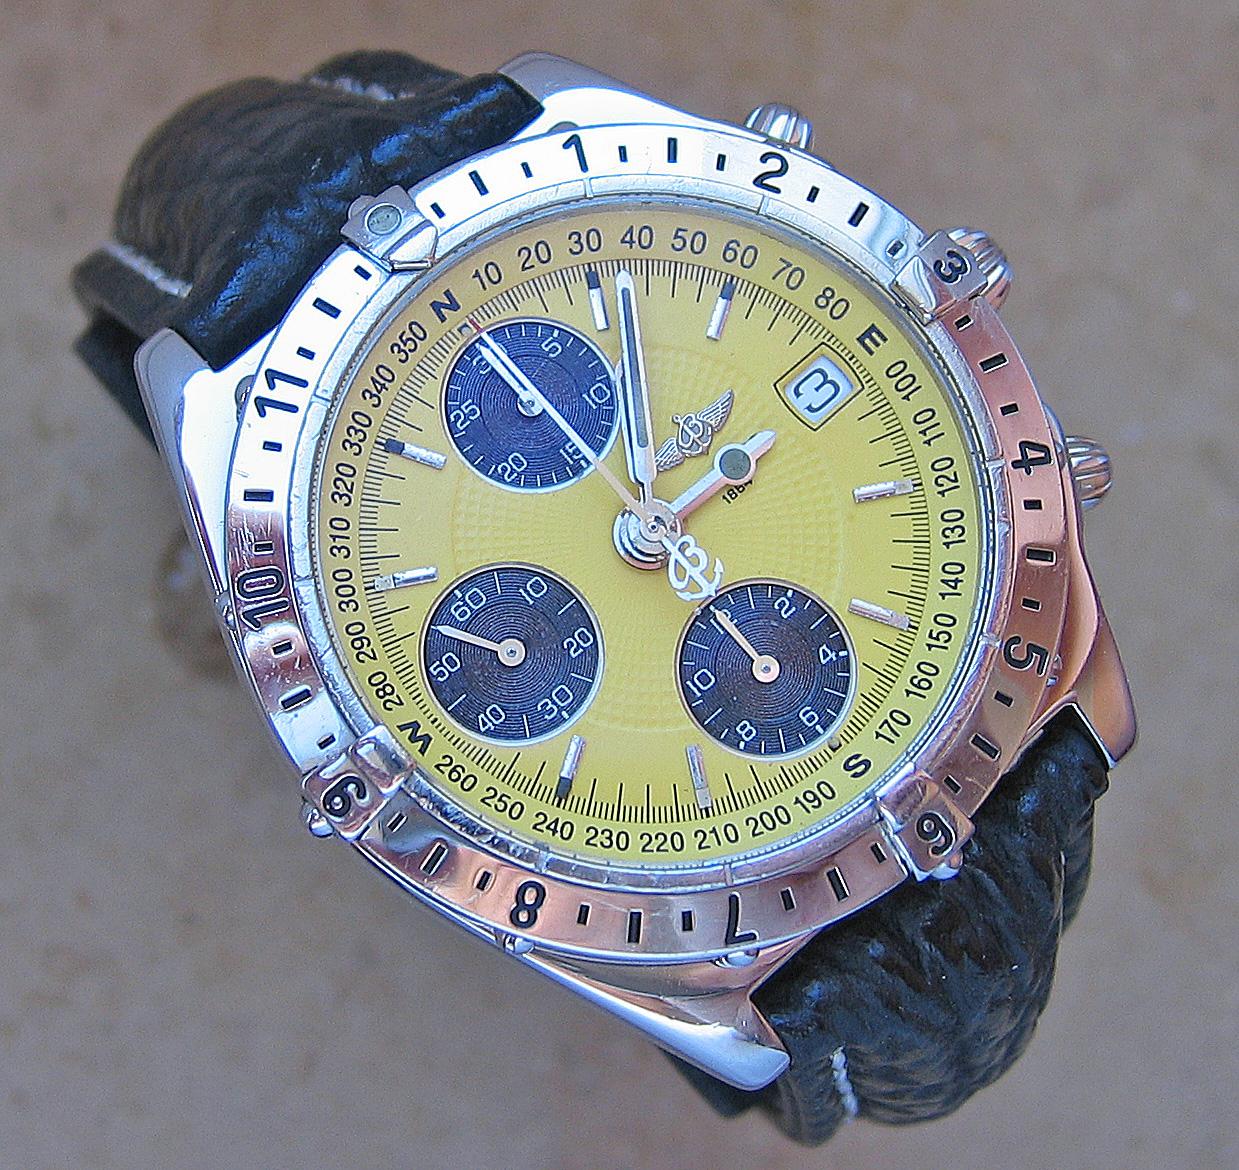 Luxusuhren Luxus Uhr Chronograph Breitling Chrono